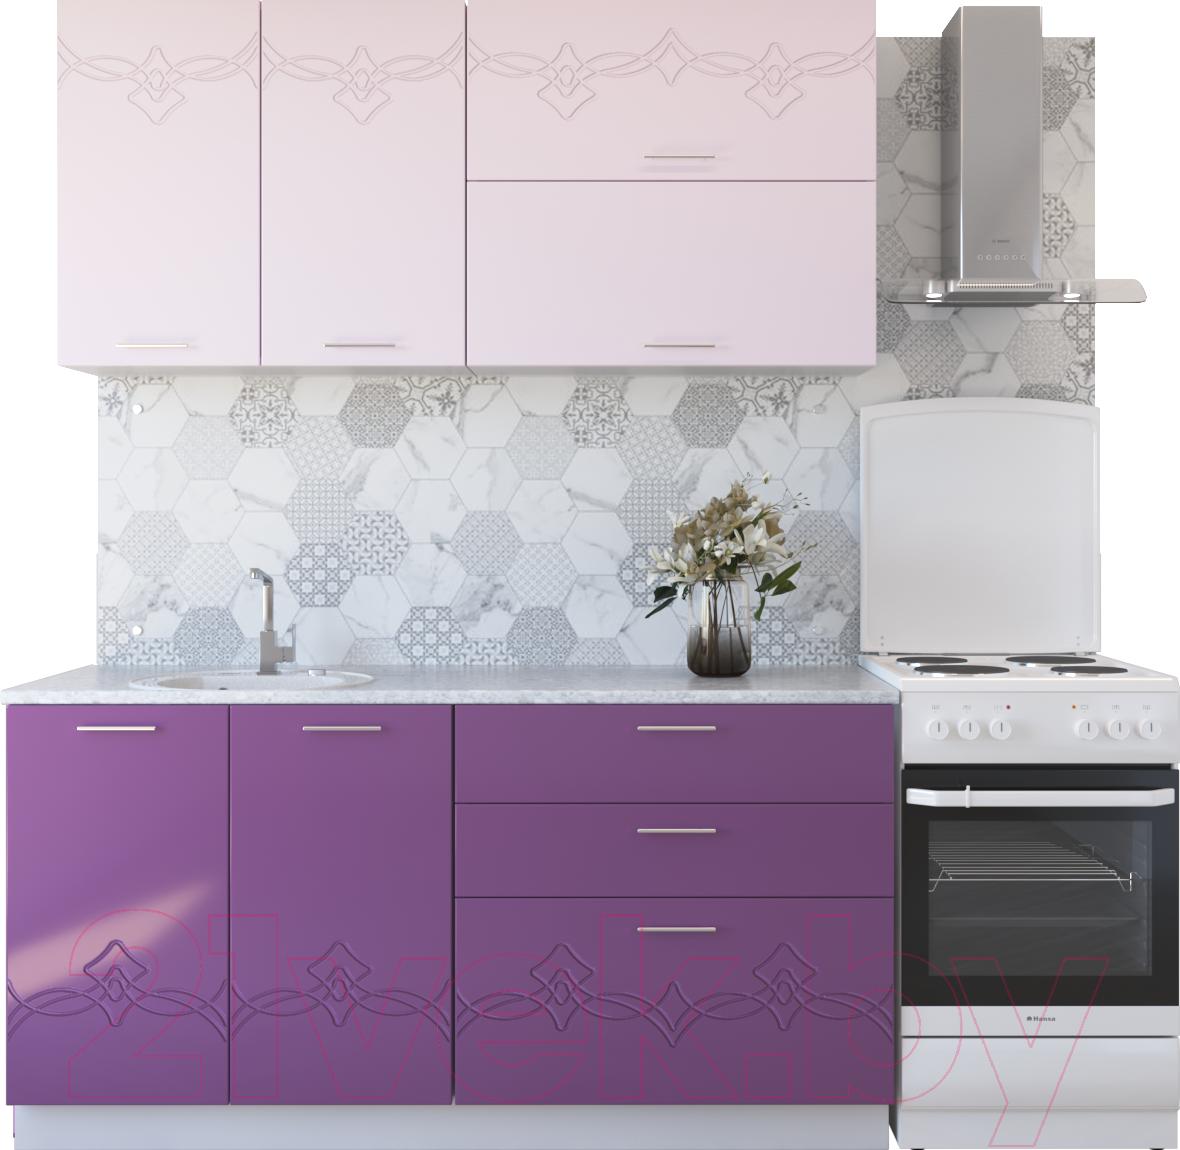 Купить Готовая кухня Артём-Мебель, Адель СН-114 без стекла 1.4м (глянец розовый металлик/сирень металлик), Беларусь